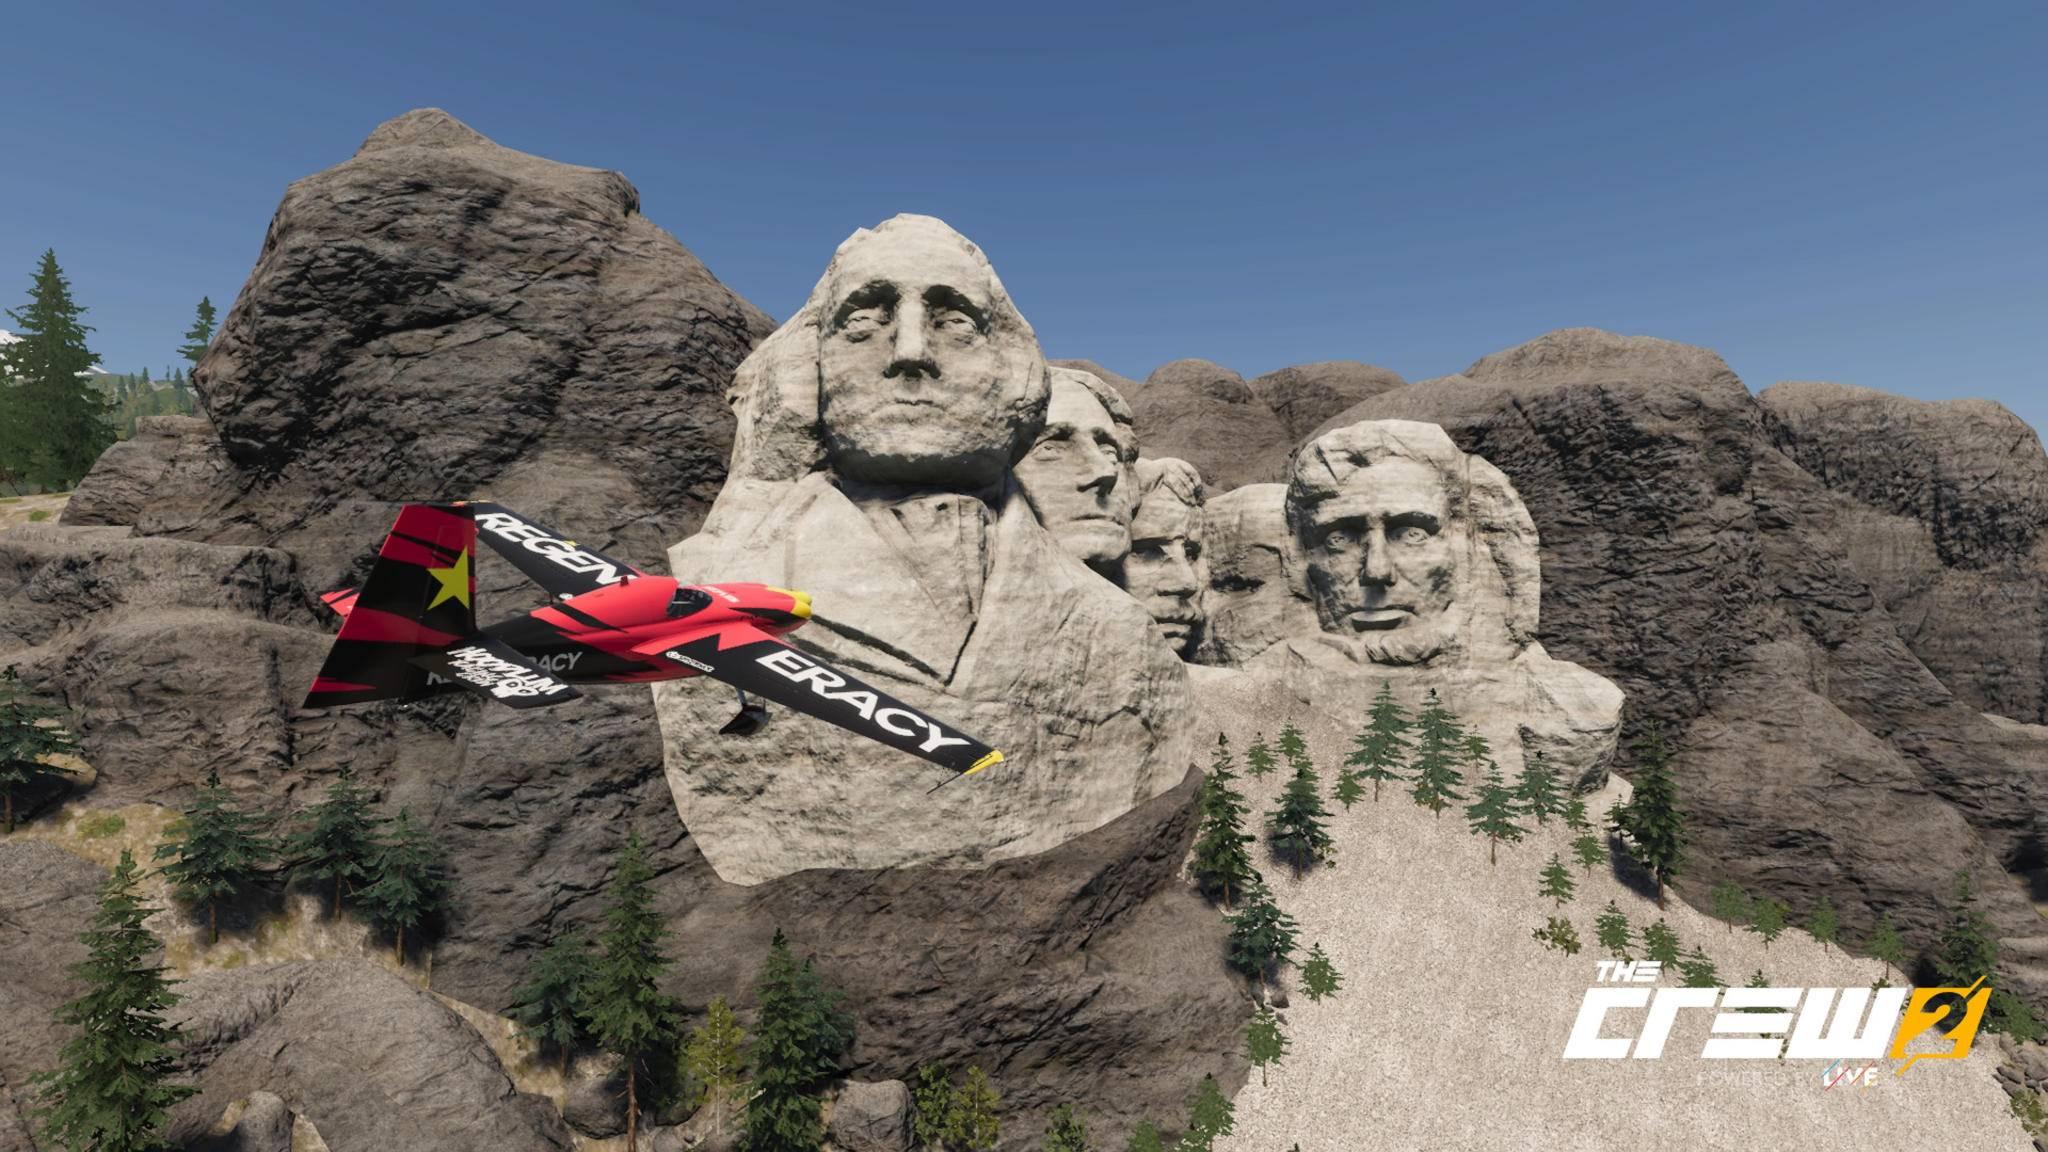 Wenn Du schon mal da bist, kannst Du auch gleich ein Foto vom Mount Rushmore schießen – dafür gibt's nämlich ein bisschen Extra-Geld.